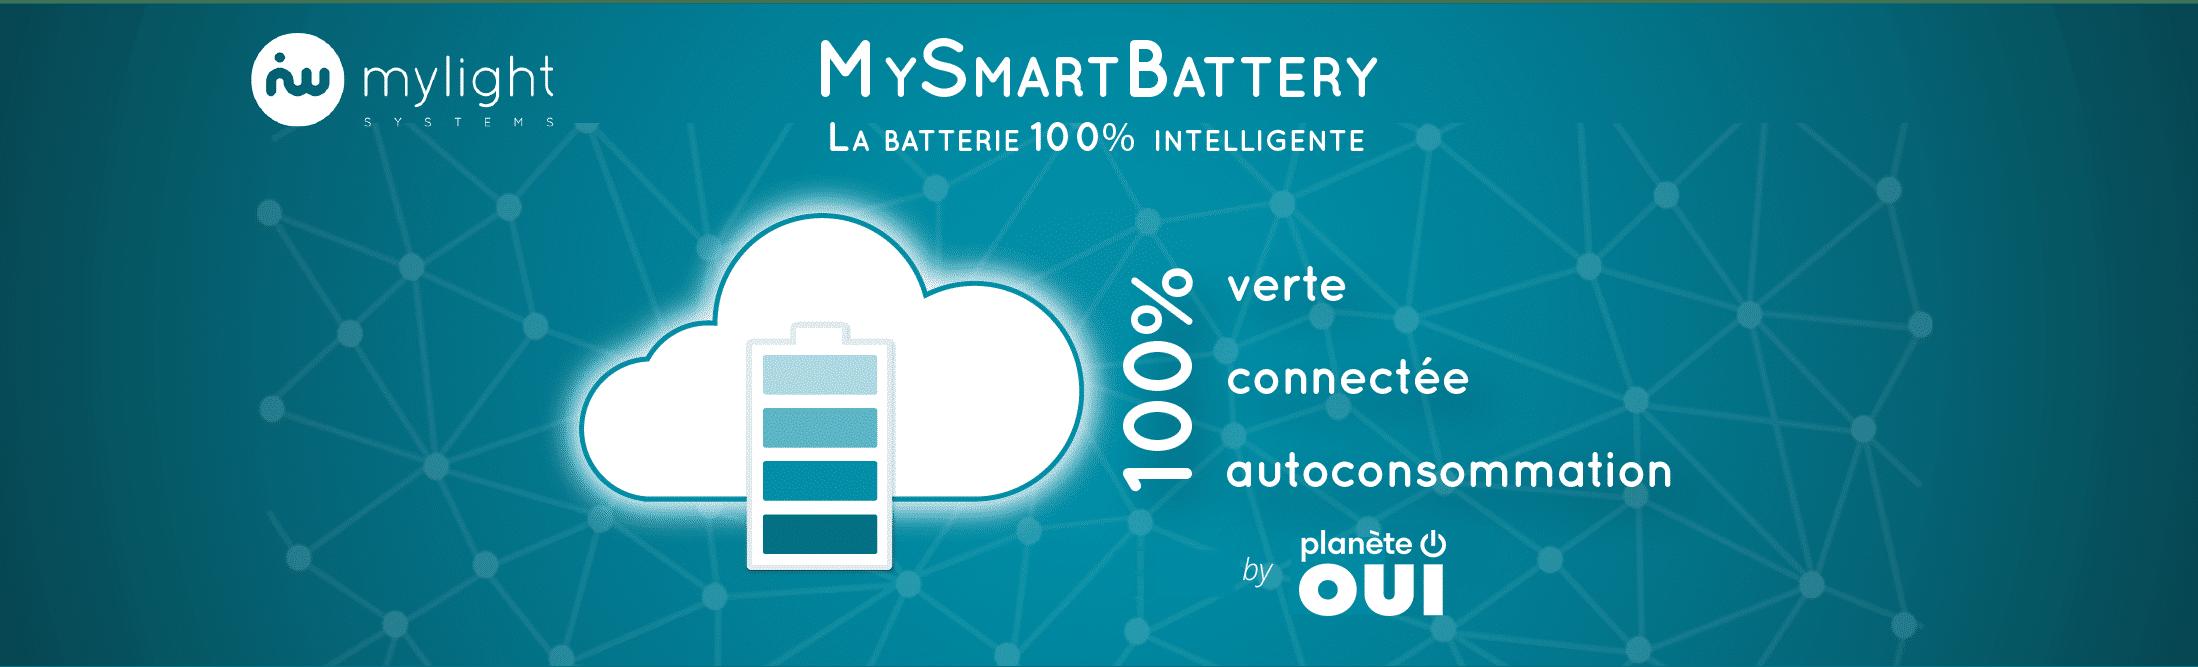 MySmartBattery, la batterie révolutionnaire